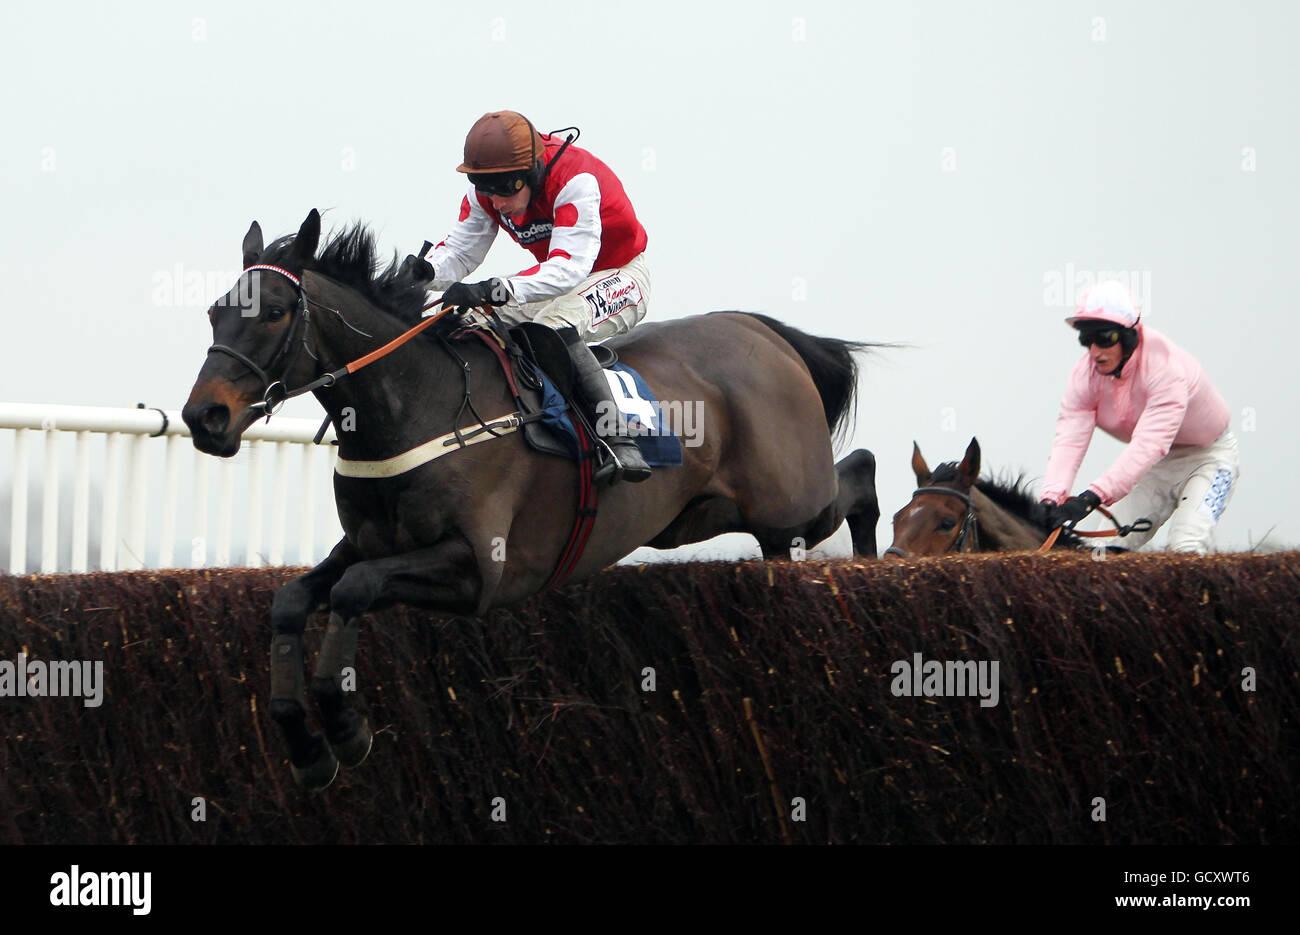 Christmas Horse Racing.Horse Racing Christmas Party Day Newbury Racecourse